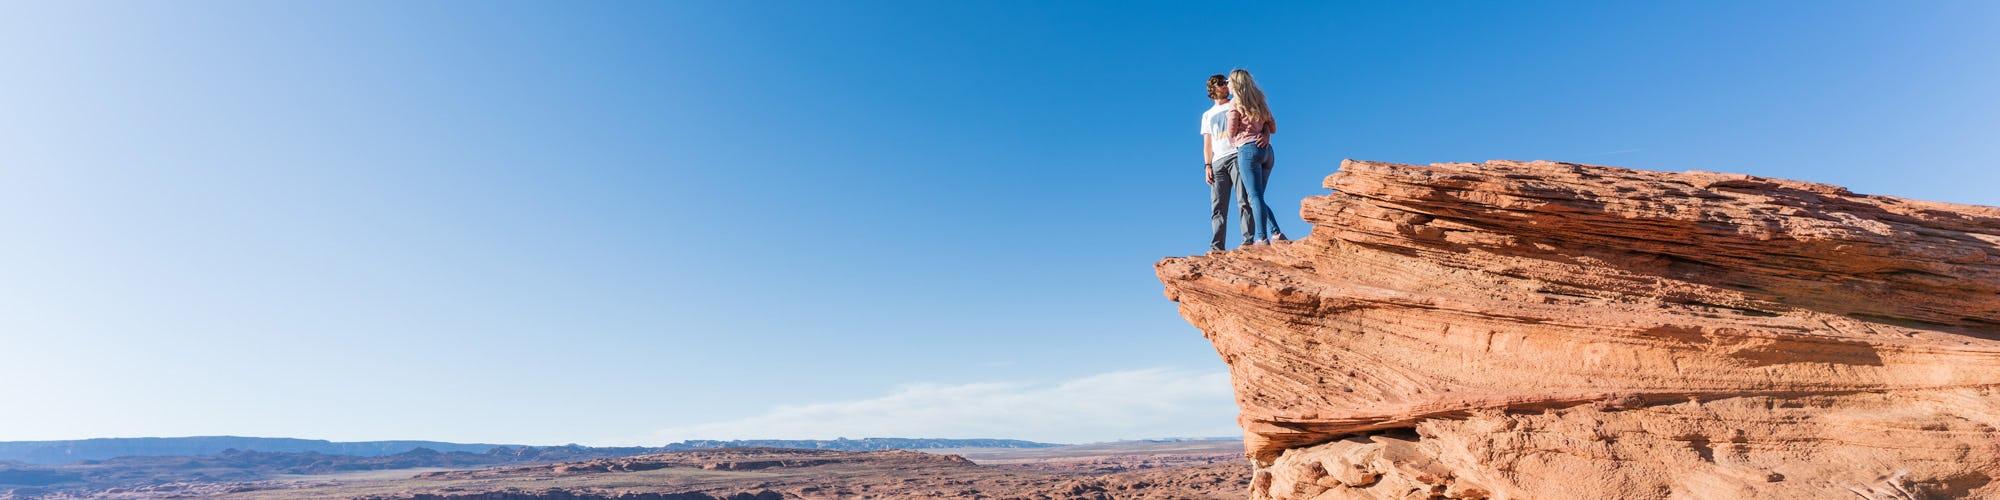 Jess and Marcus at Horseshoe Bend, AZ